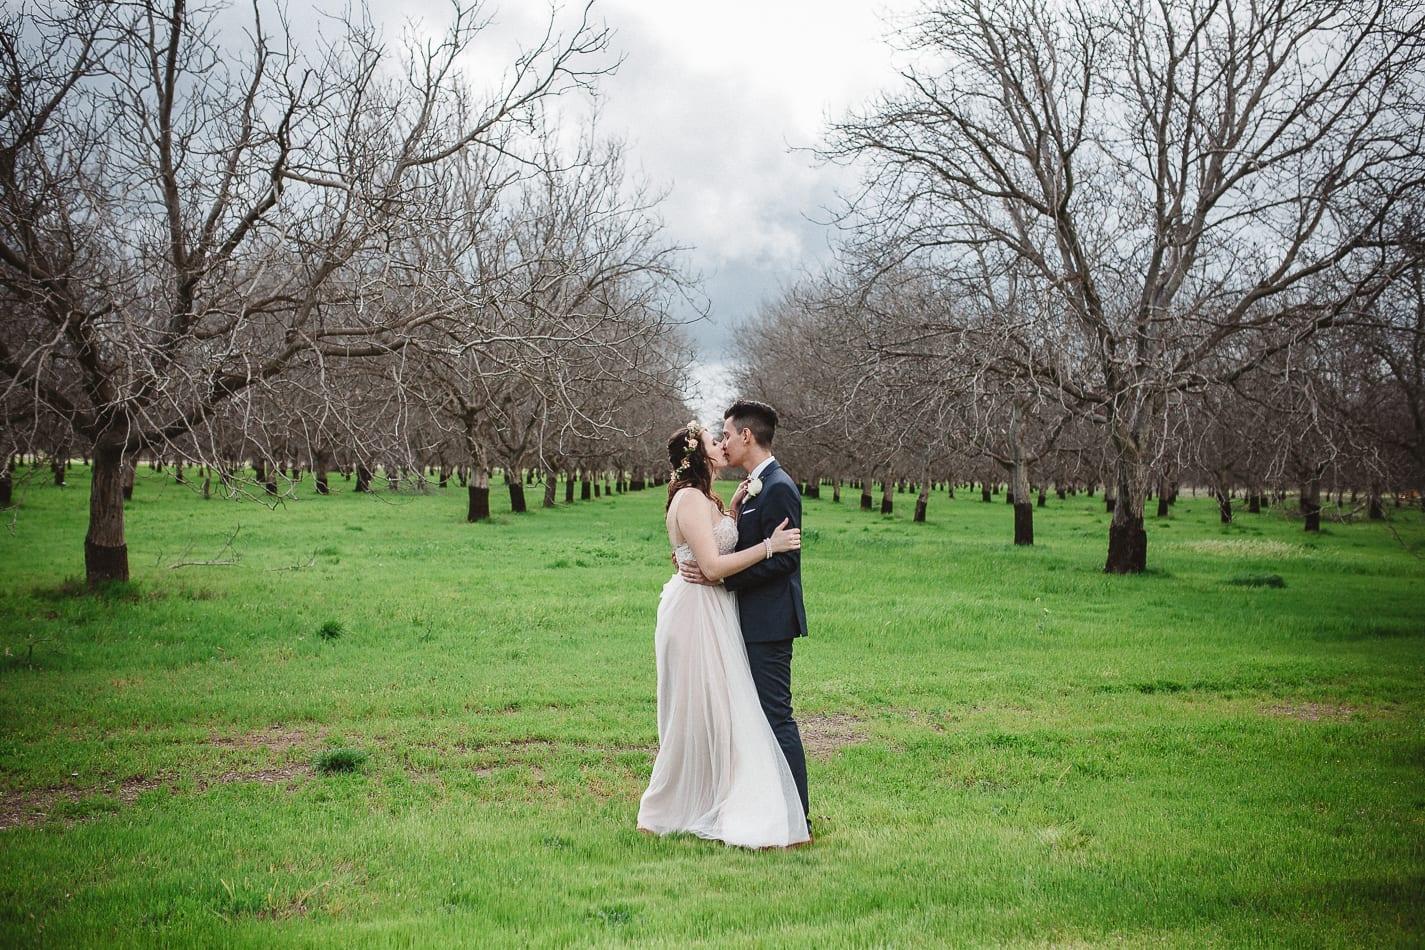 gover-ranch-redding-california-wedding-photographer-160